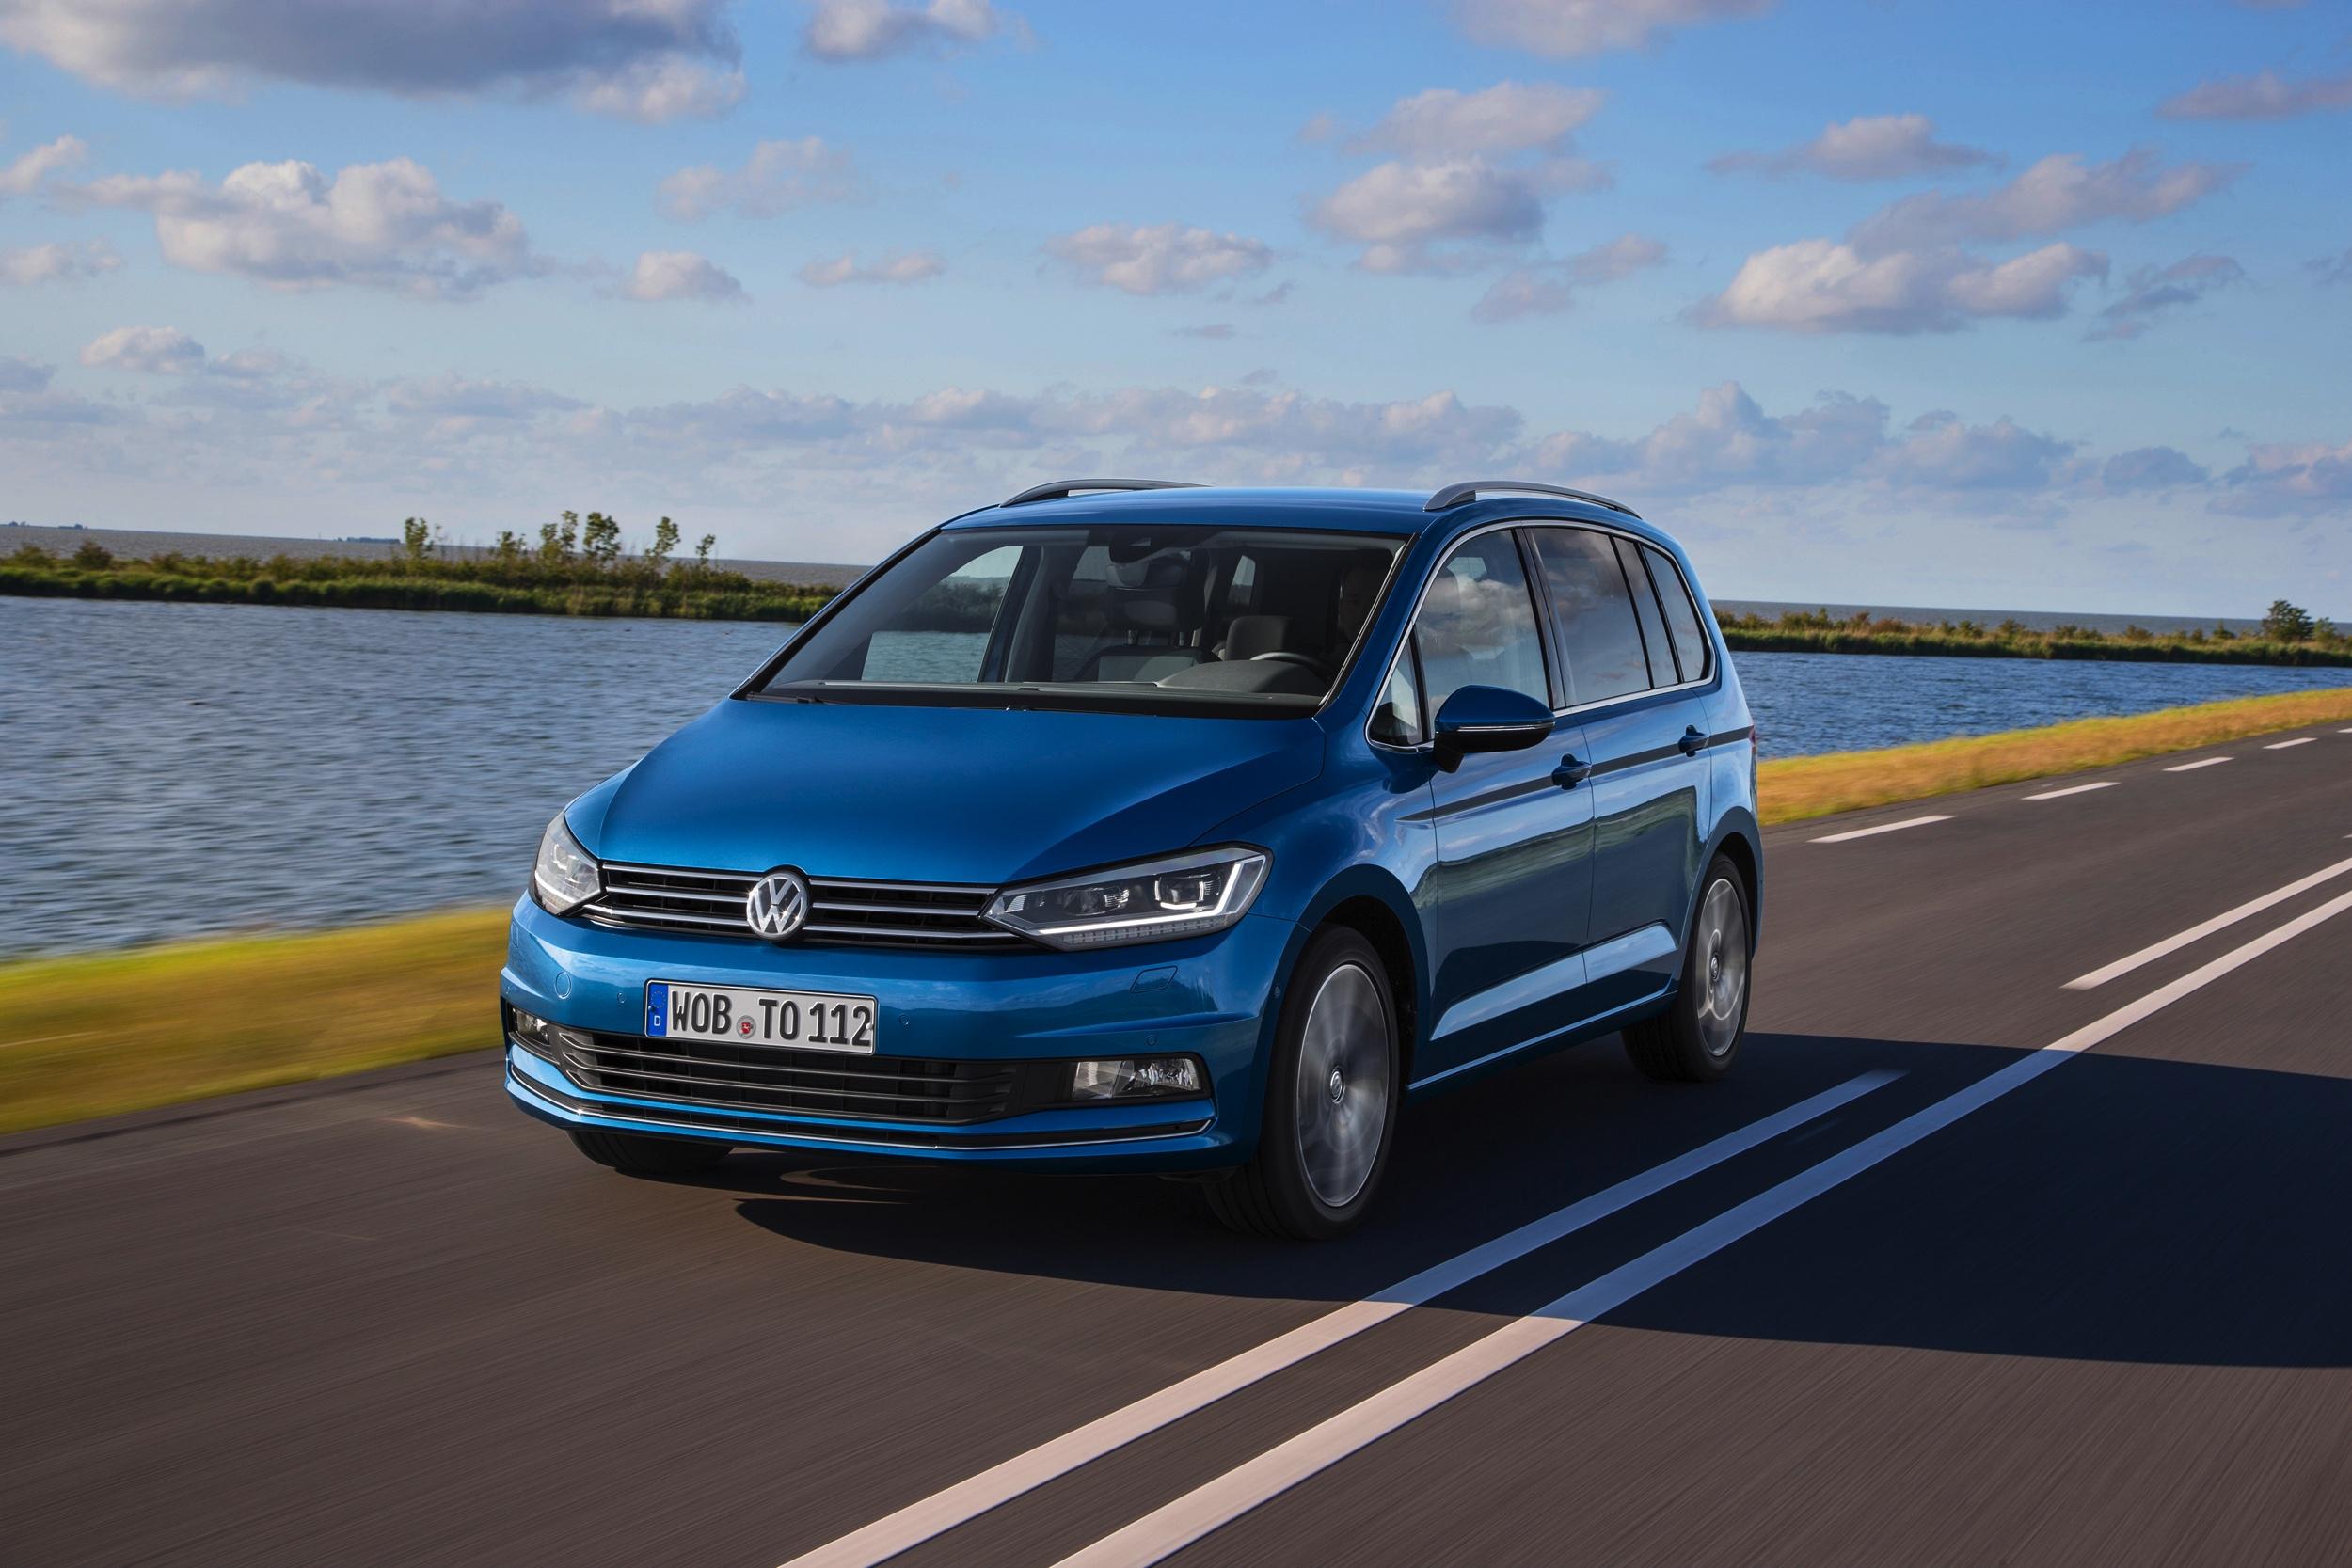 Volkswagen Touran - Autovisie.nl -1